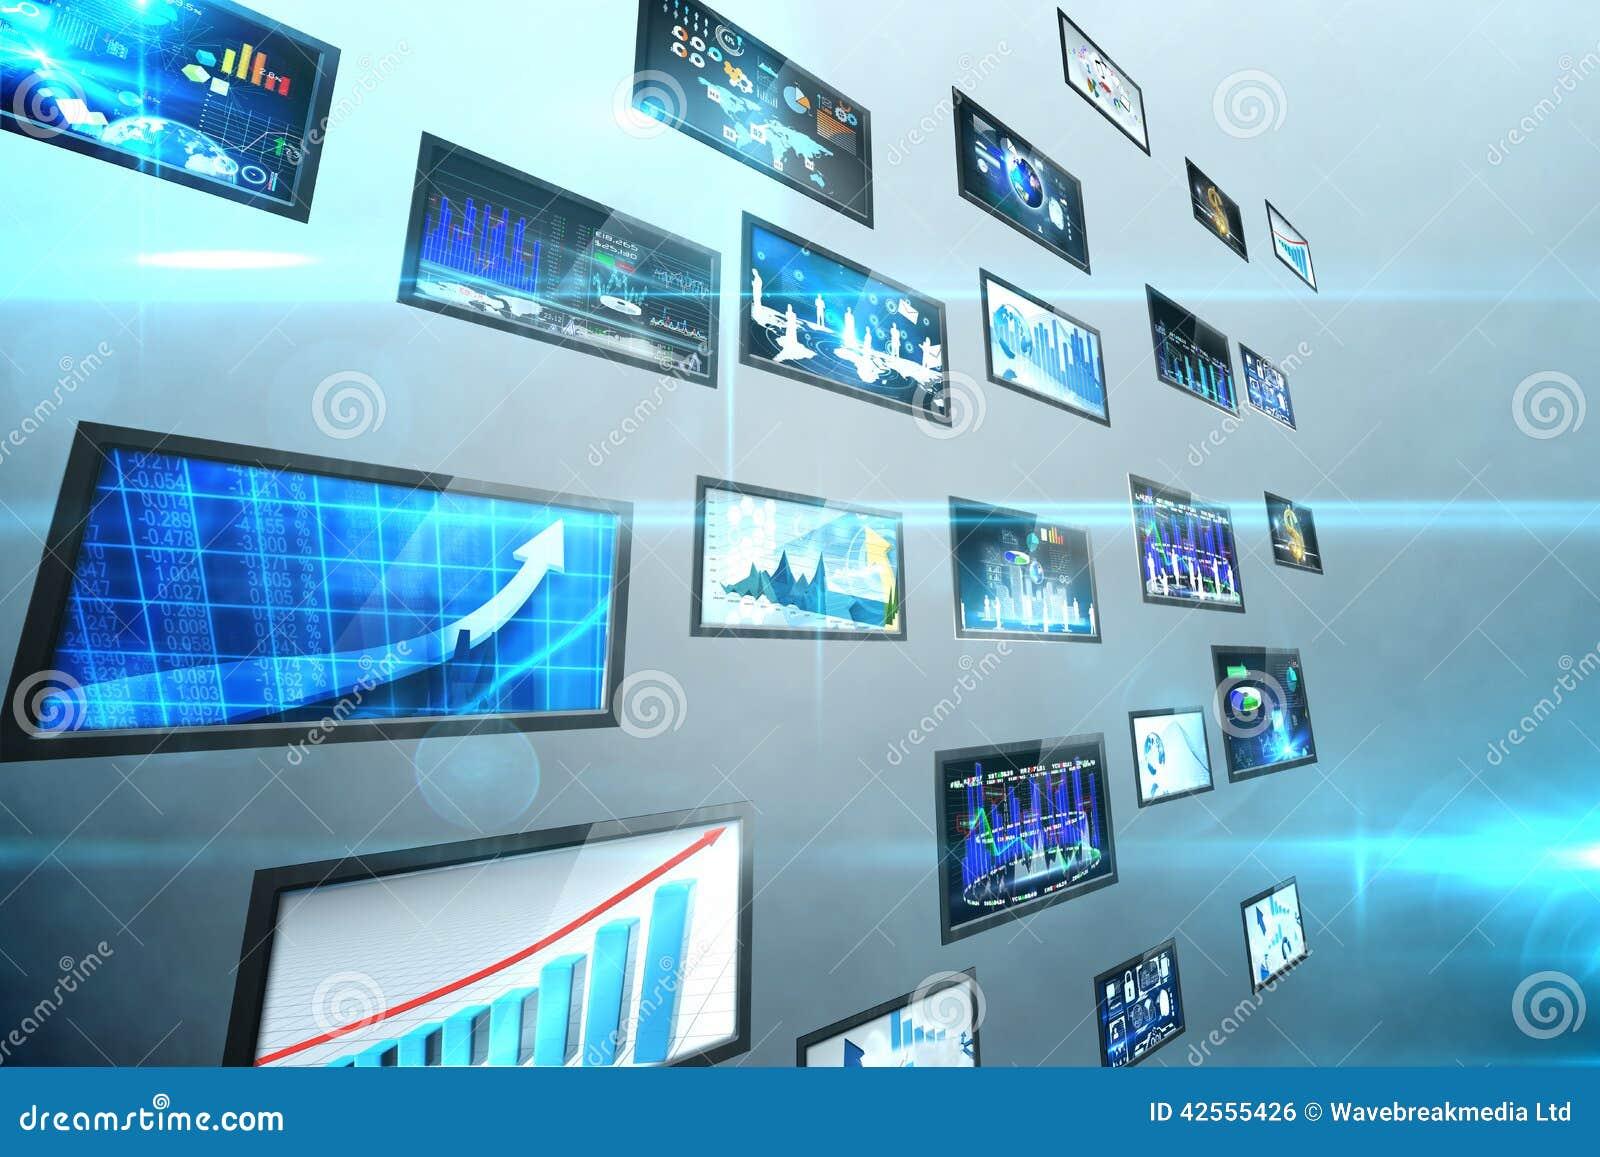 Κολάζ οθόνης που παρουσιάζει επιχειρησιακές εικόνες